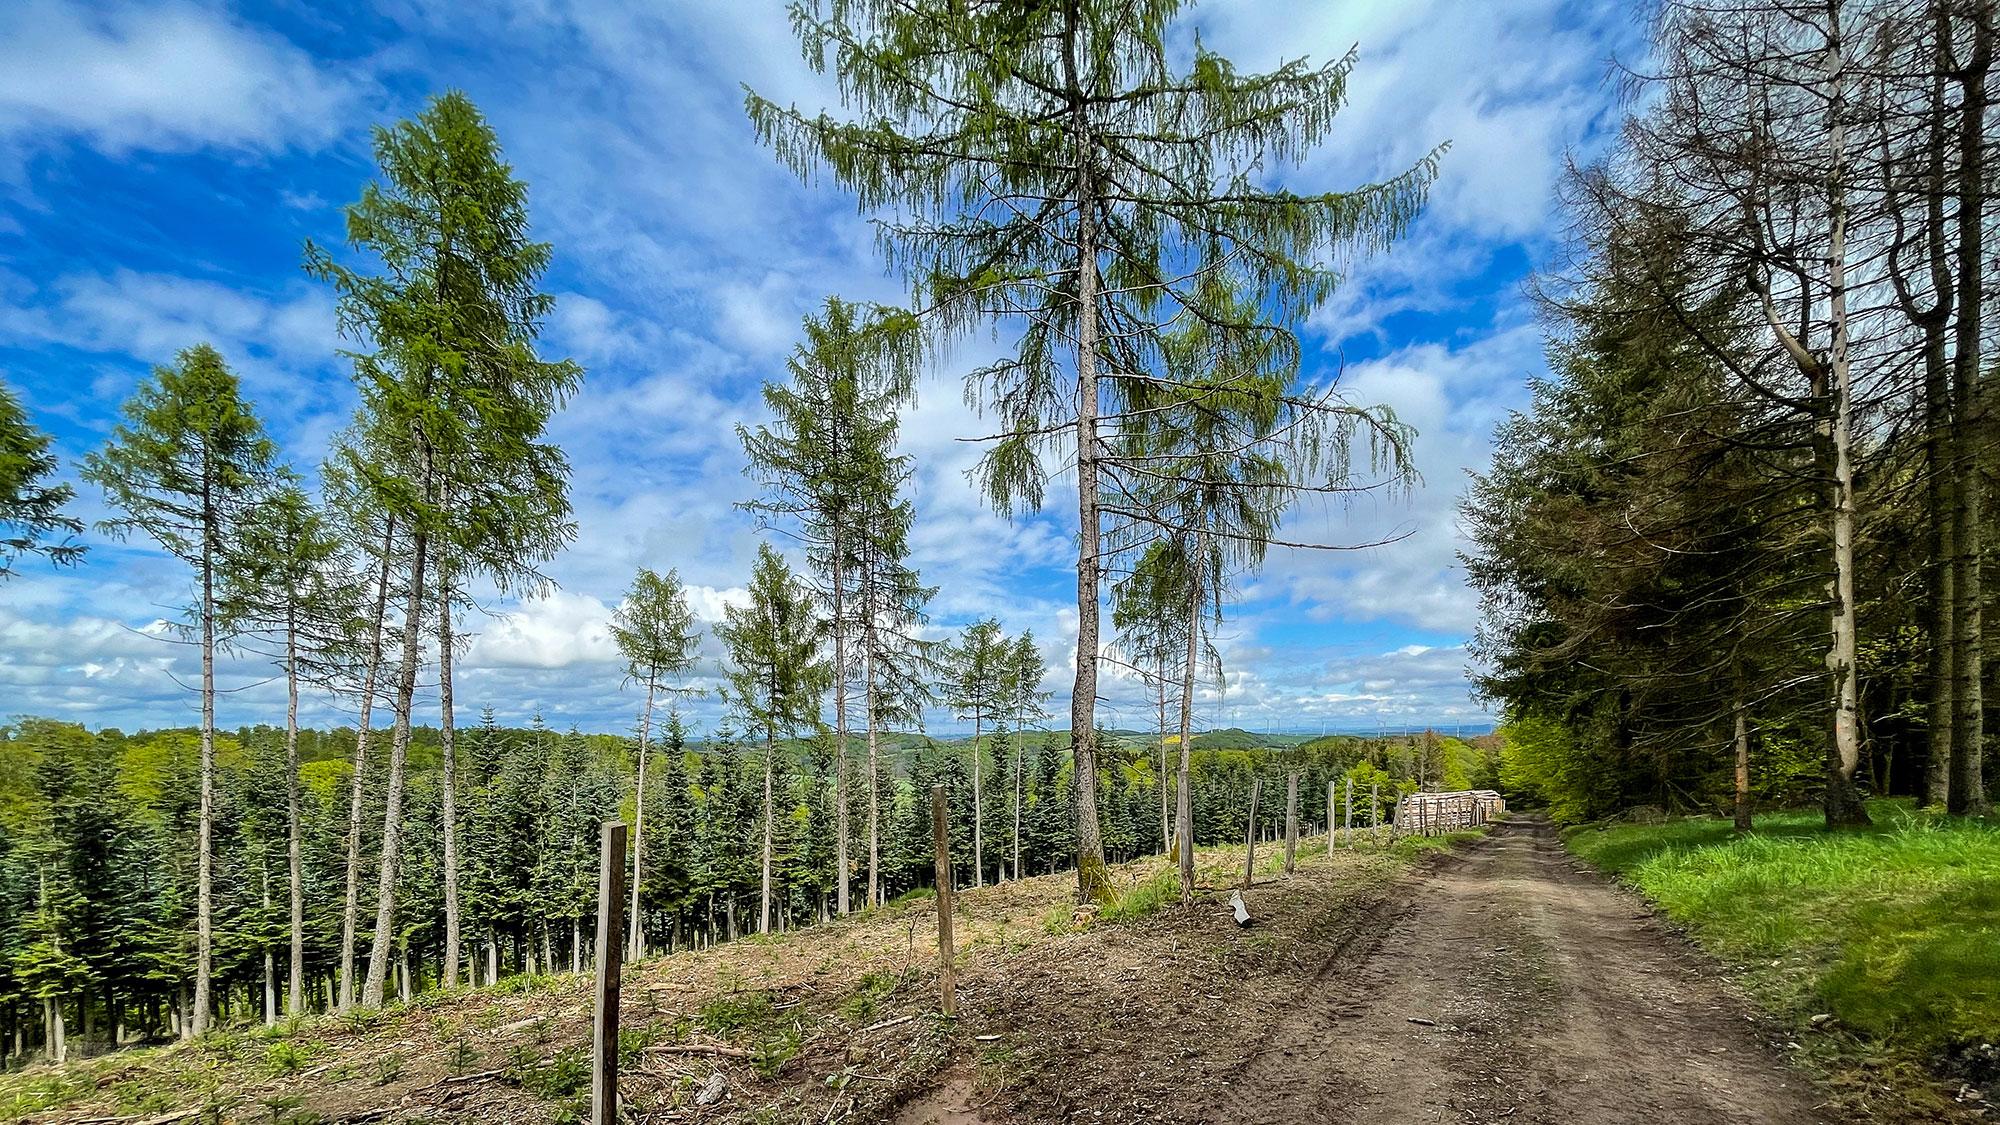 Diemelsteig Tag 2 - Wirmighausen bis Trekkingplatz Rhenequelle bei Schweinsbühl